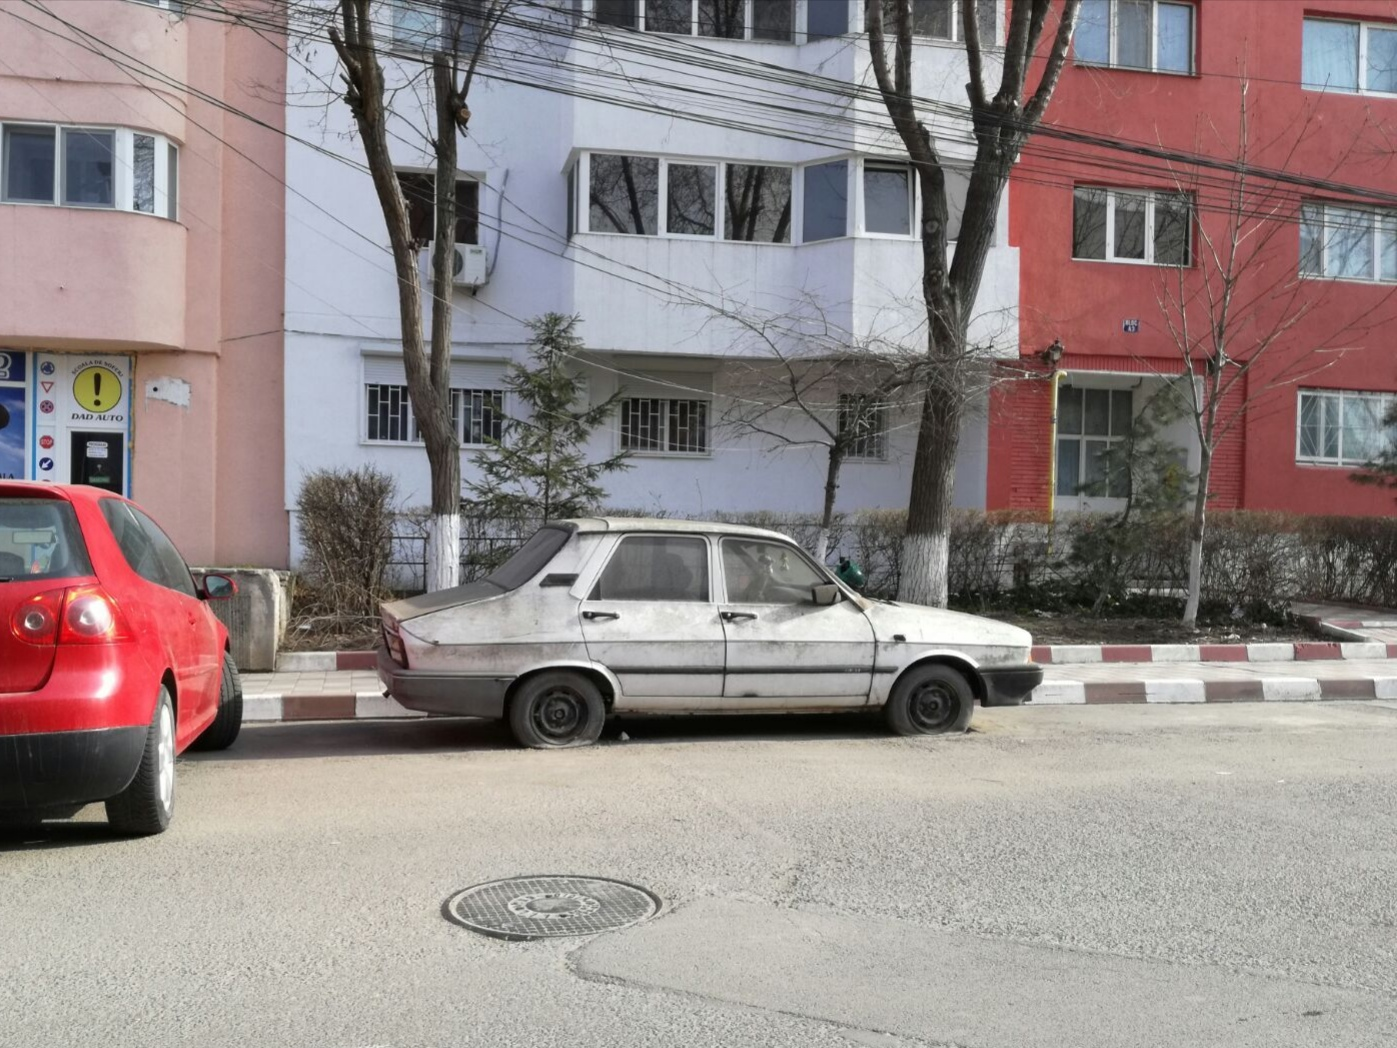 Proiect privind ridicarea mașinilor abandonate din Năvodari